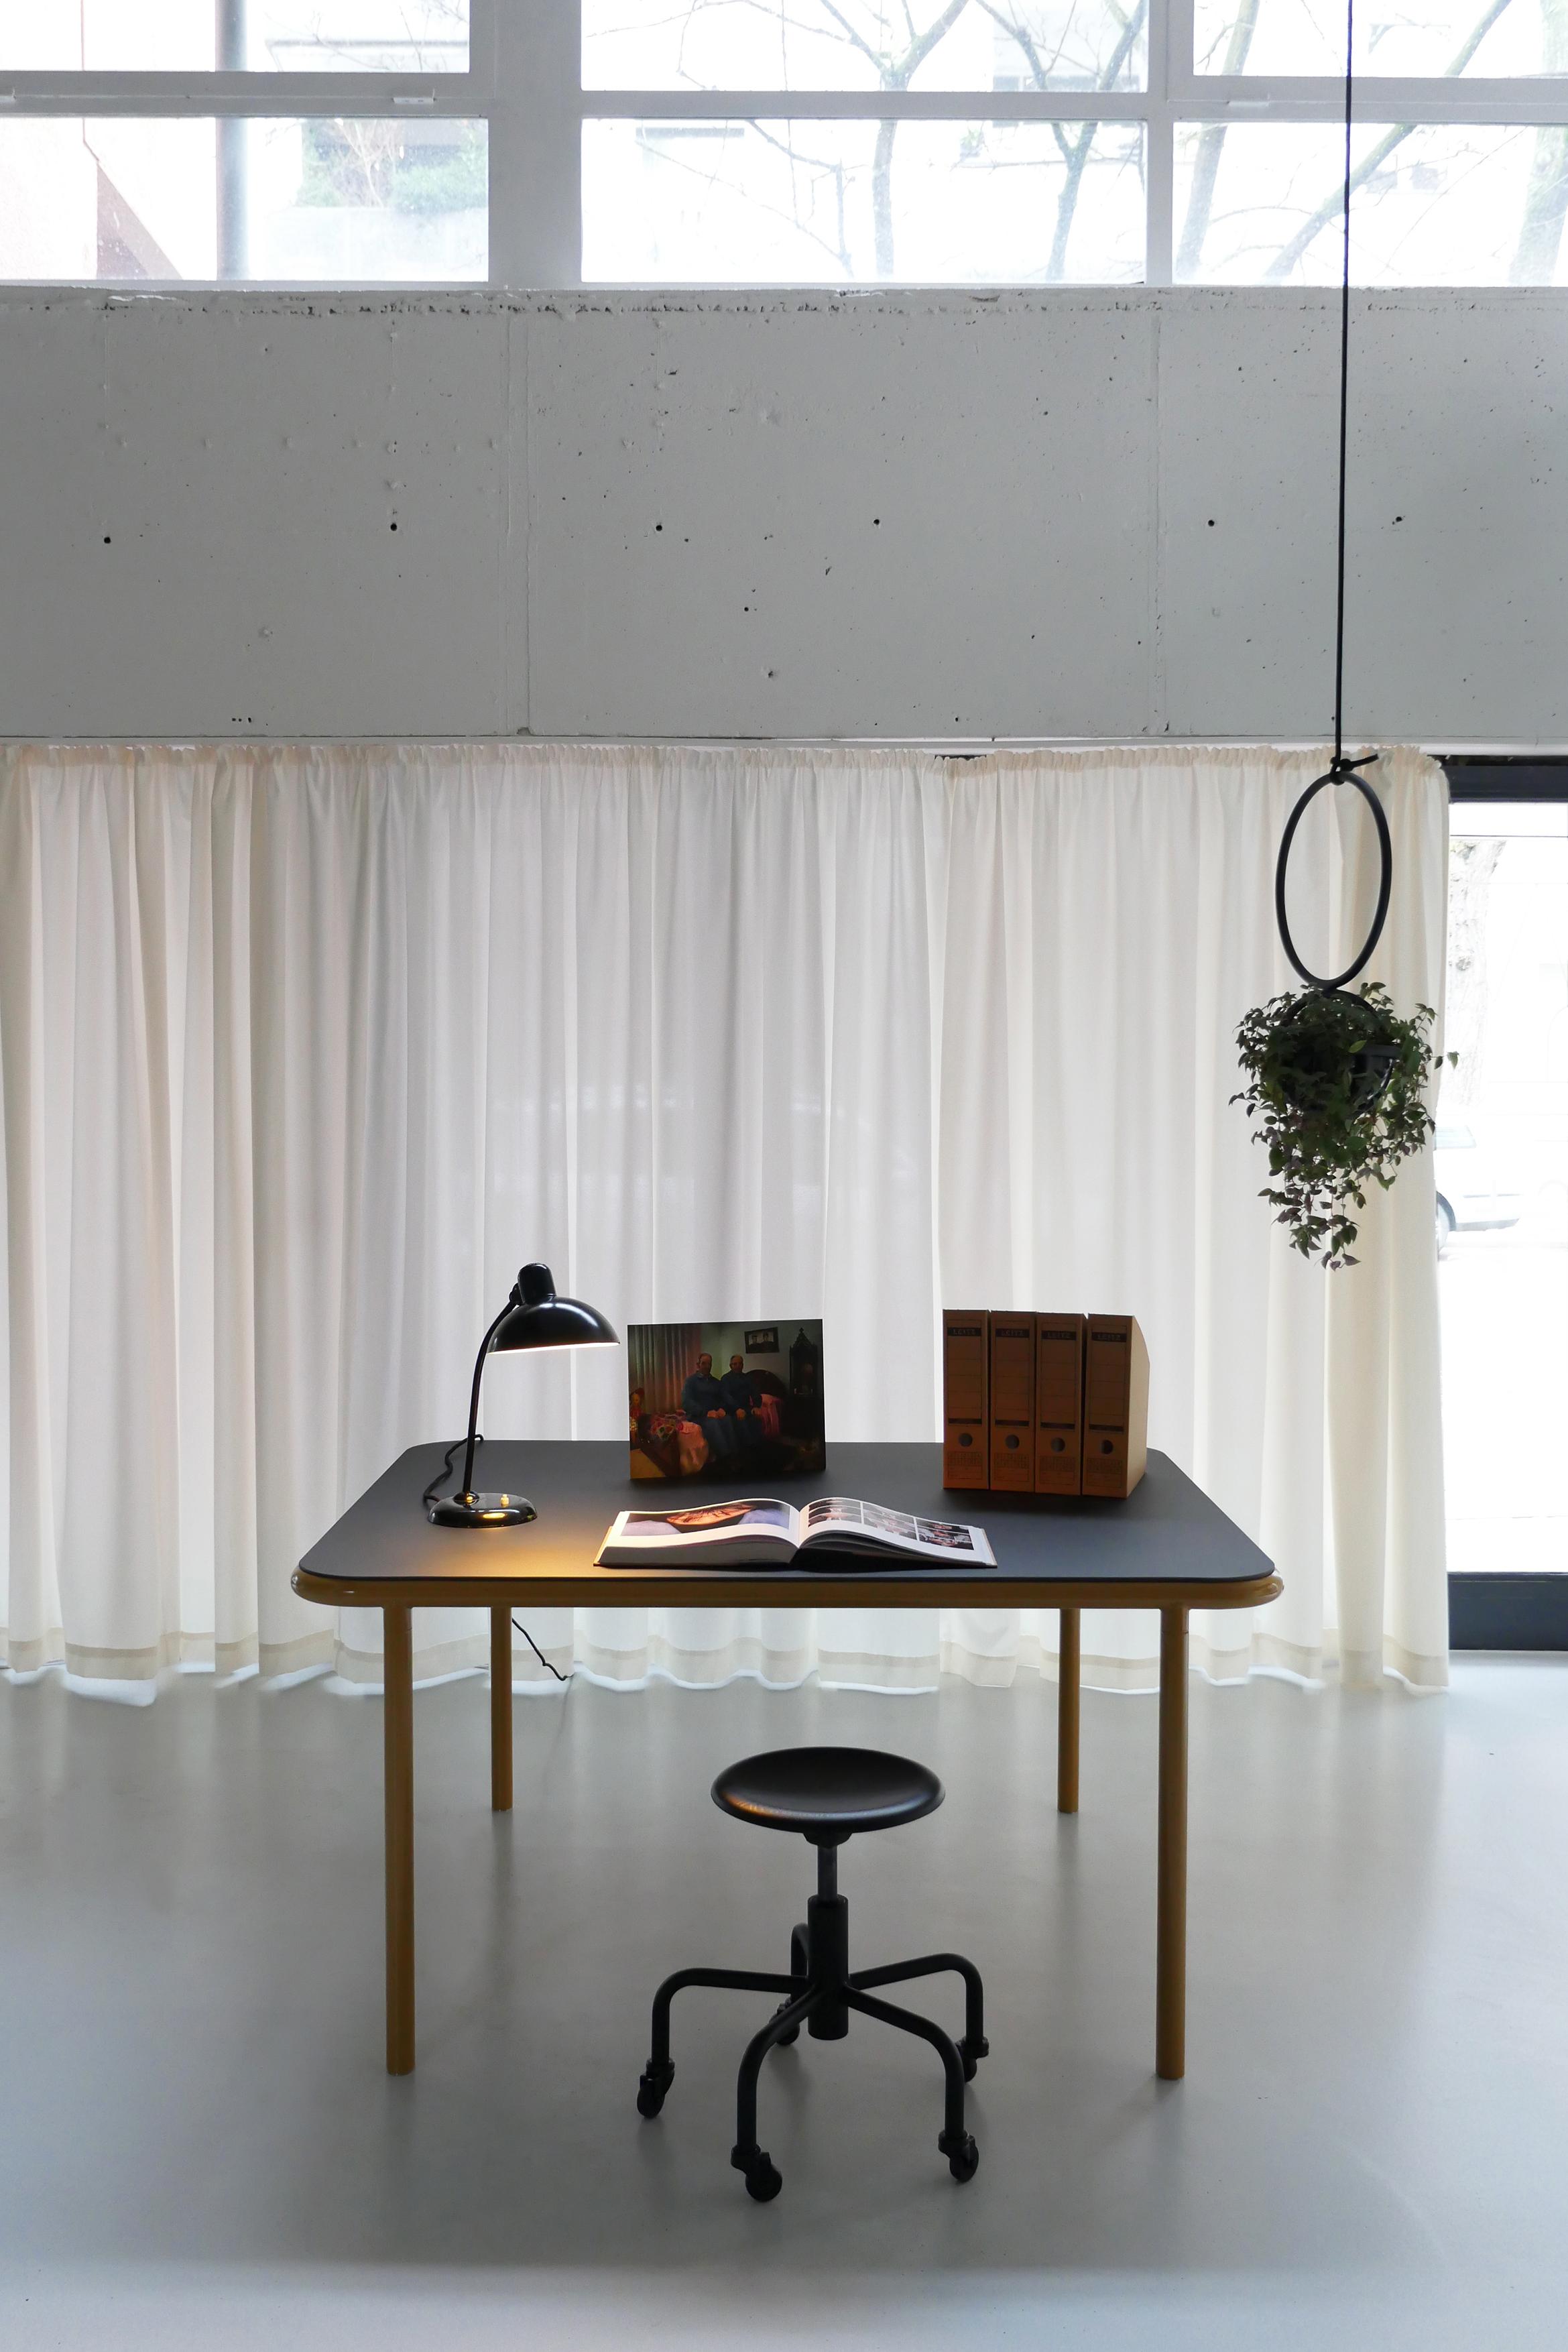 Bologna Stahl Tisch Ernst Rollhocker Atelier Haußmann